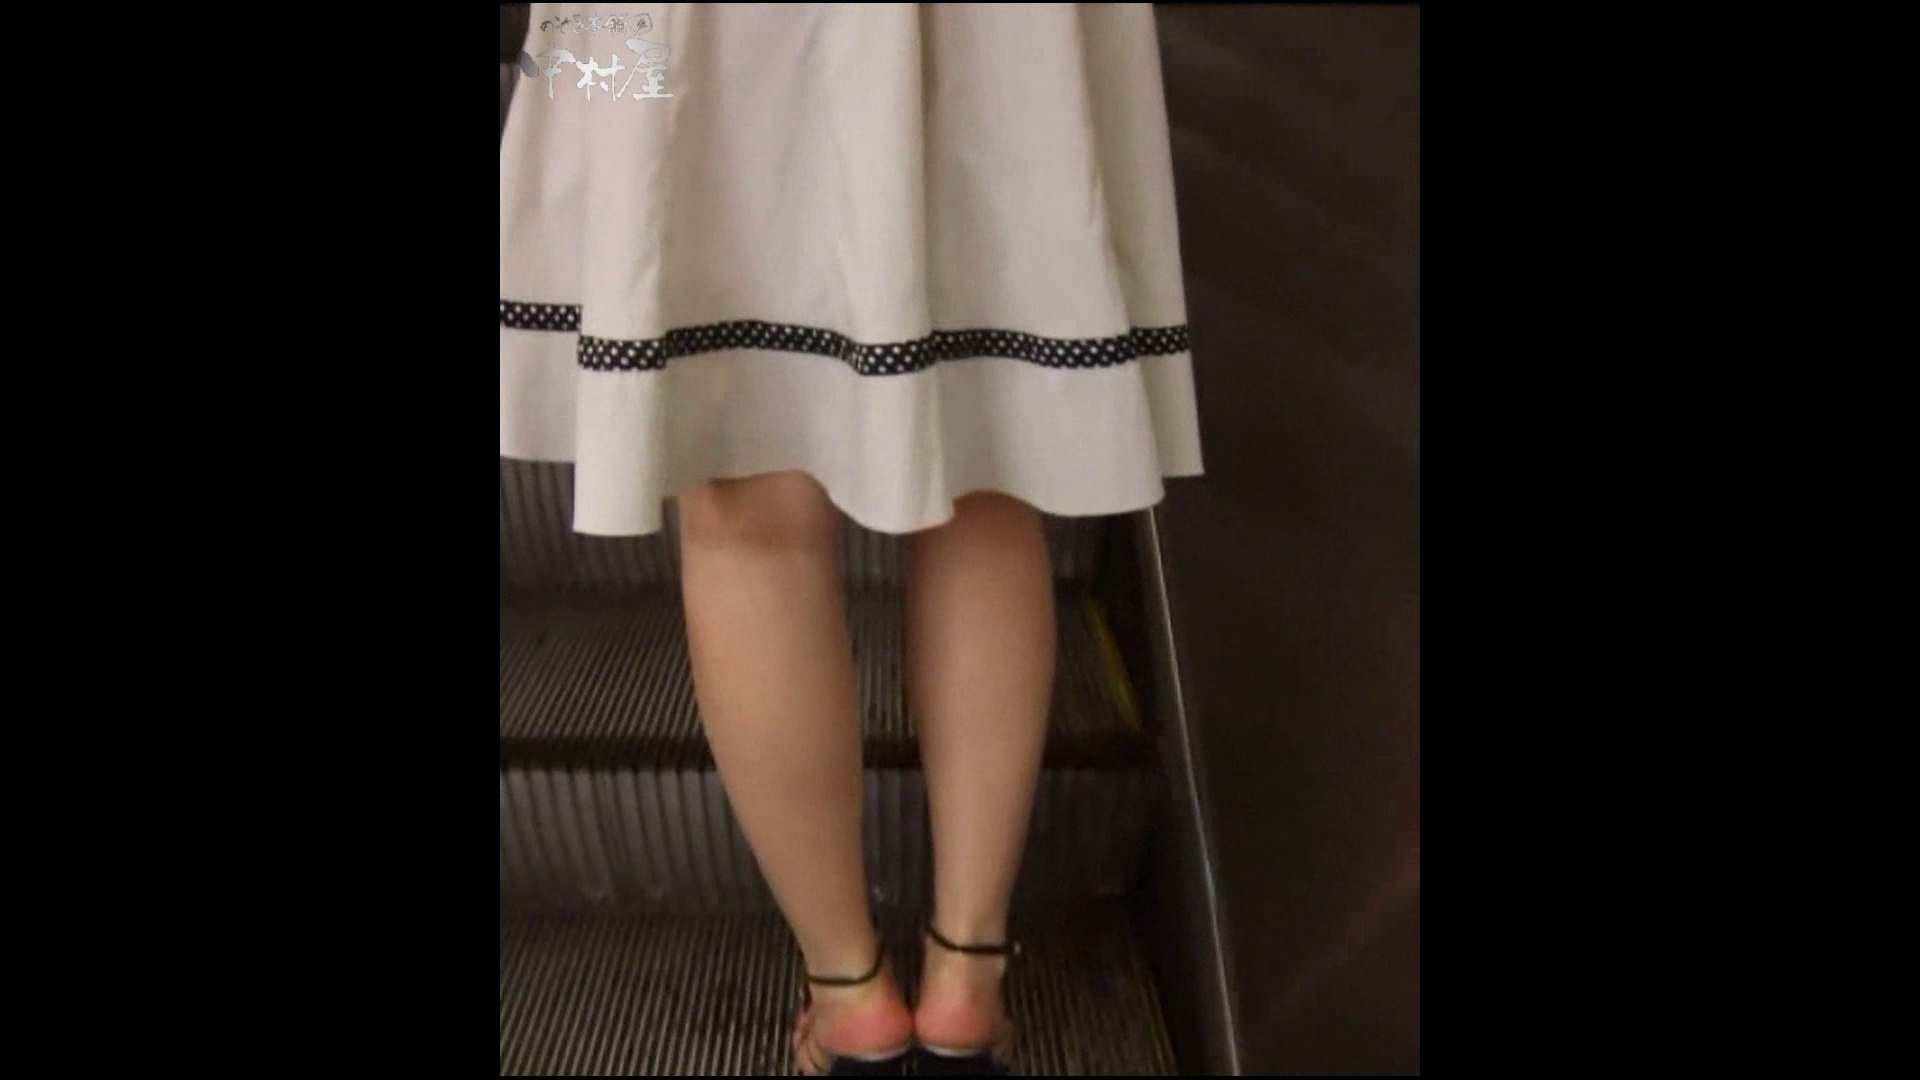 綺麗なモデルさんのスカート捲っちゃおう‼ vol26 Hなお姉さん | HなOL  76pic 43